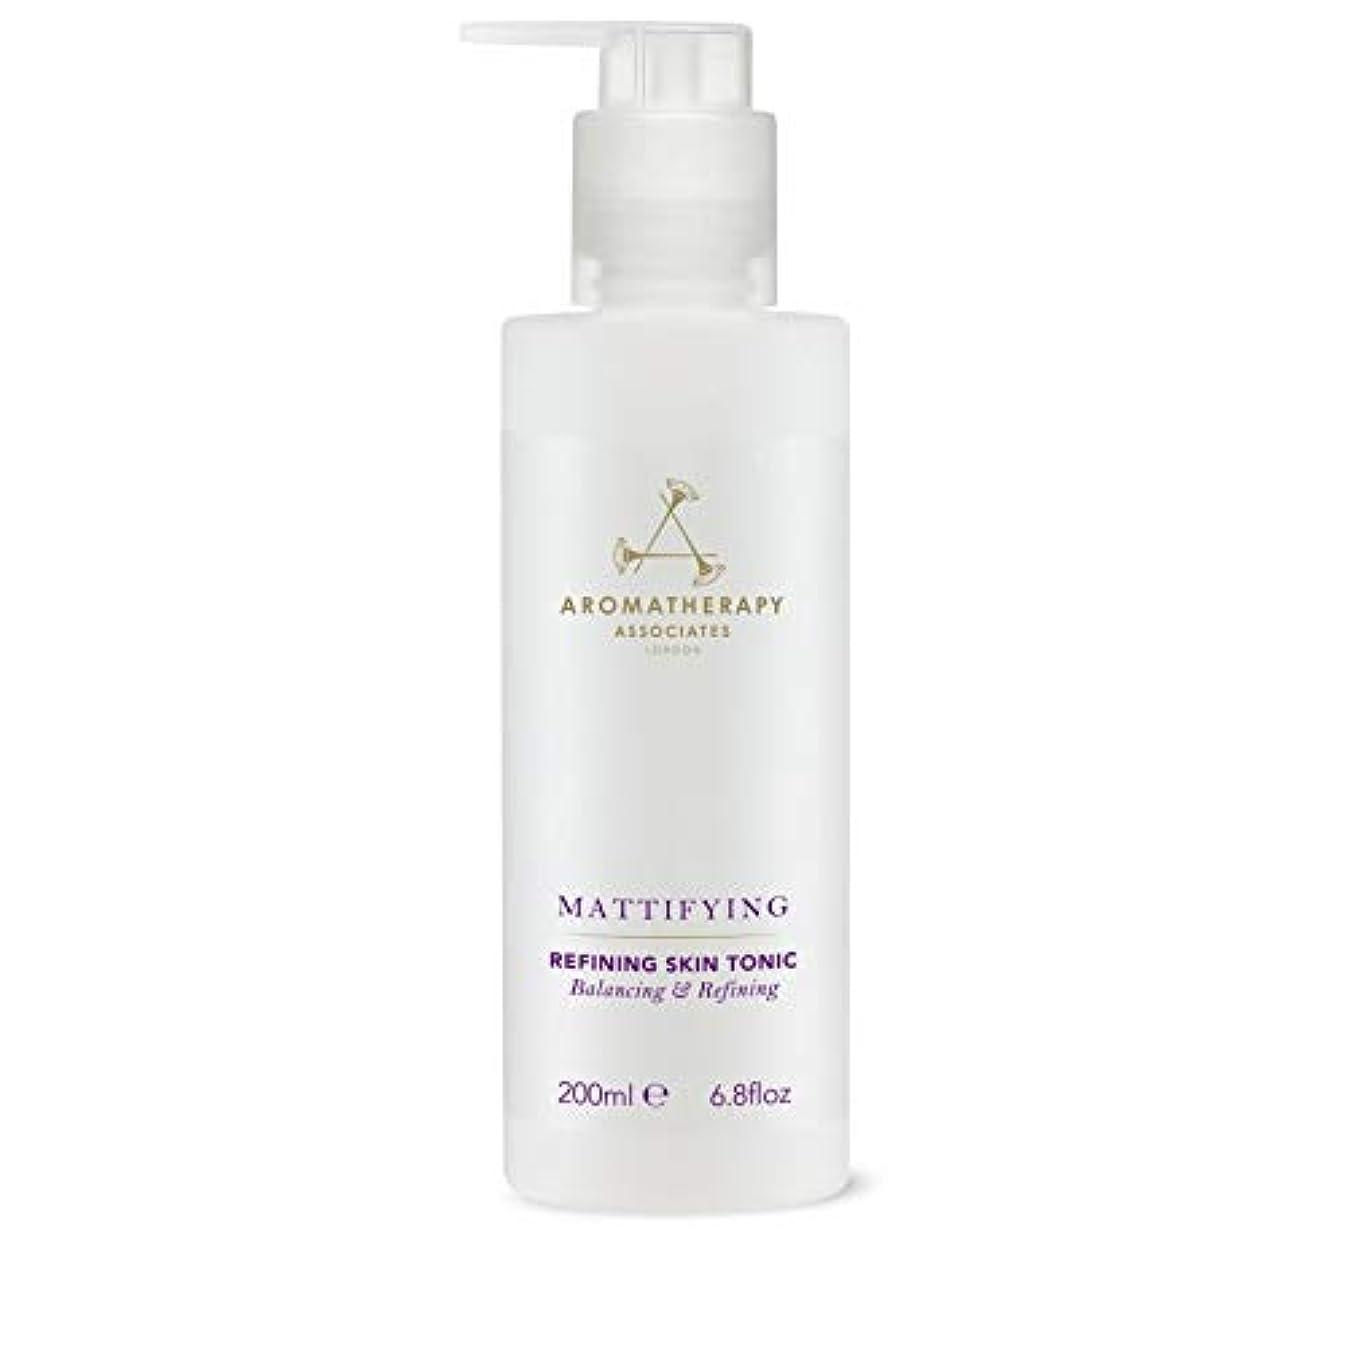 苦しみ先行する隣人[Aromatherapy Associates ] アロマセラピーアソシエイツ精錬皮膚の強壮剤、アロマセラピーアソシエイツ - Aromatherapy Associates Refining Skin Tonic,...